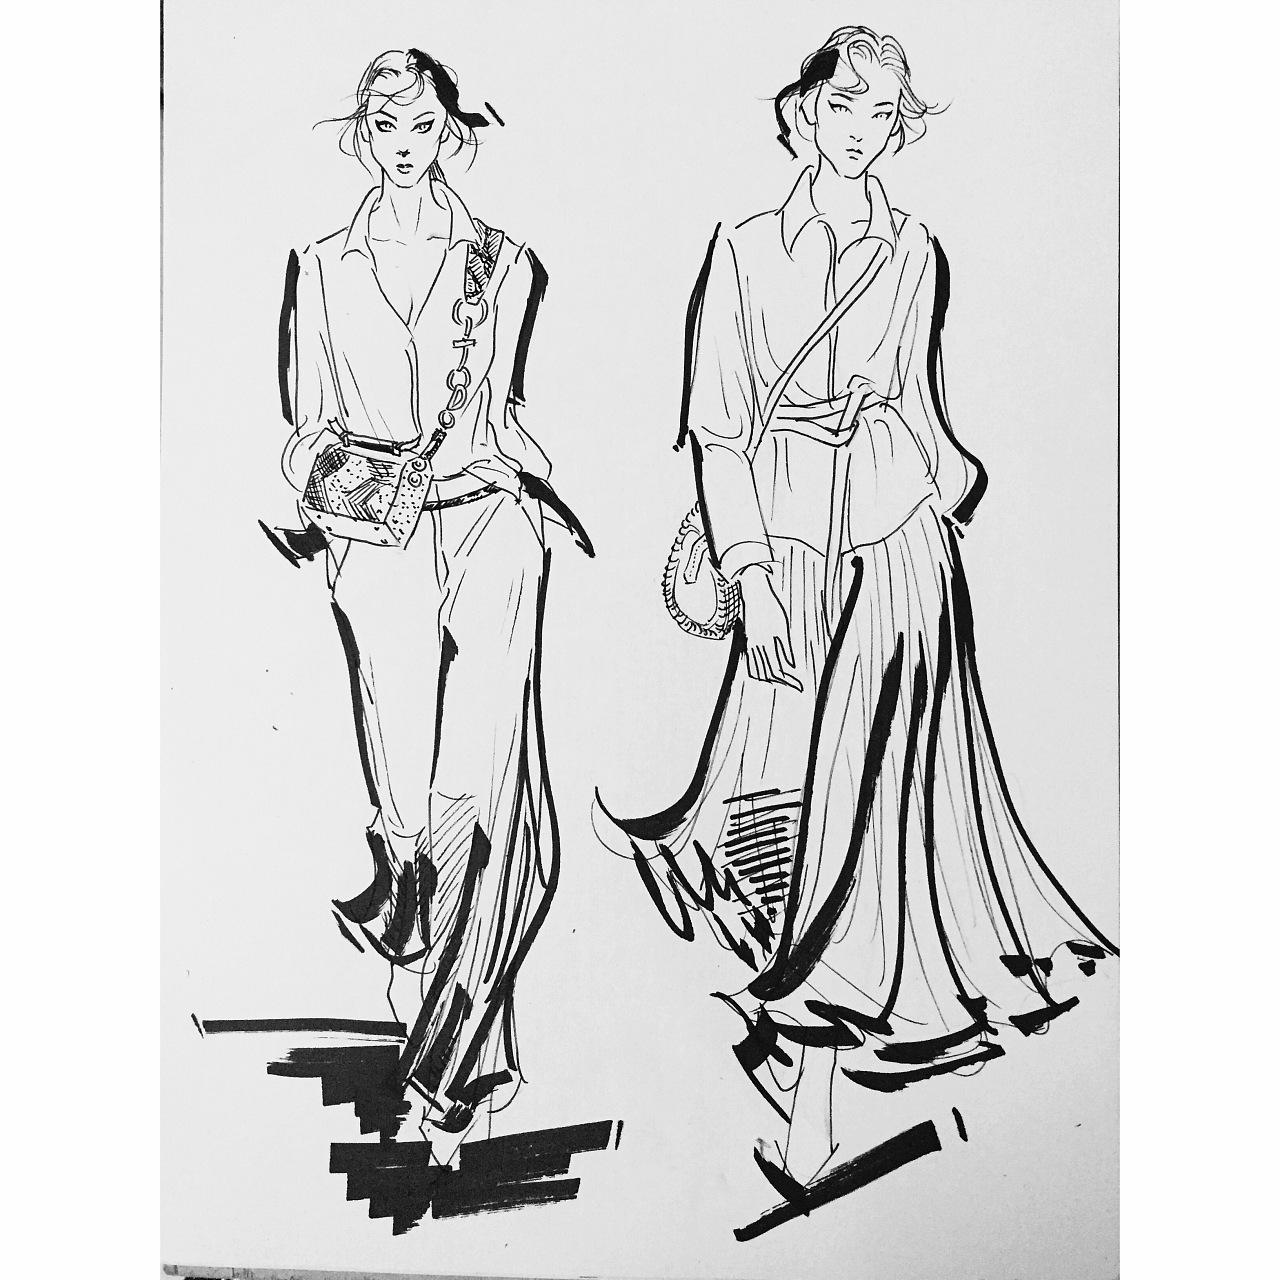 时装画|服装|休闲/流行服饰|艾恩凯丁 - 原创作品